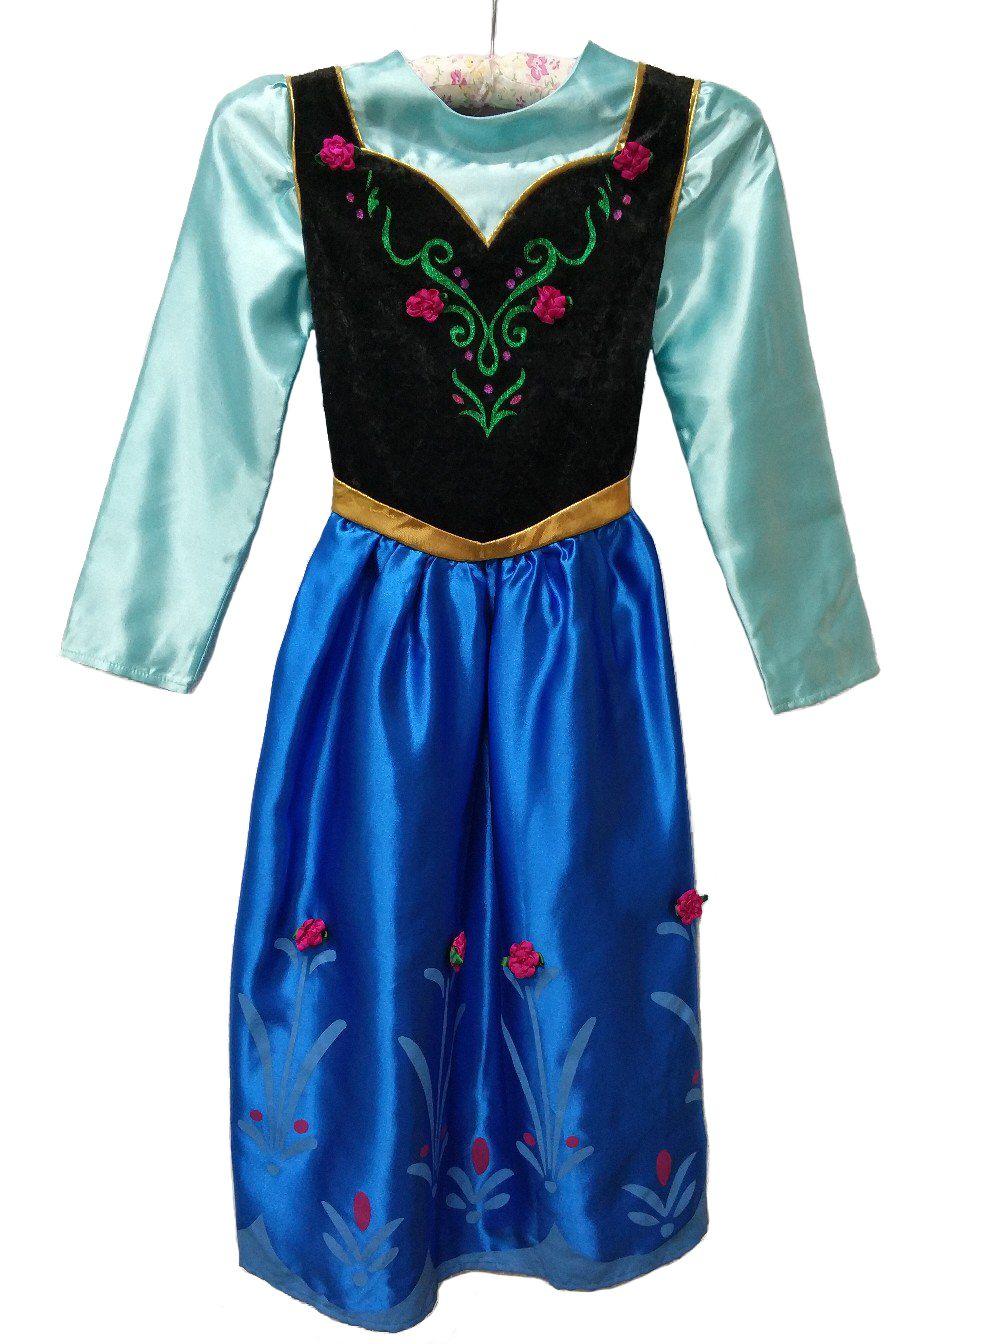 Костюм платье Анны Disneyland синее Холодное сердце